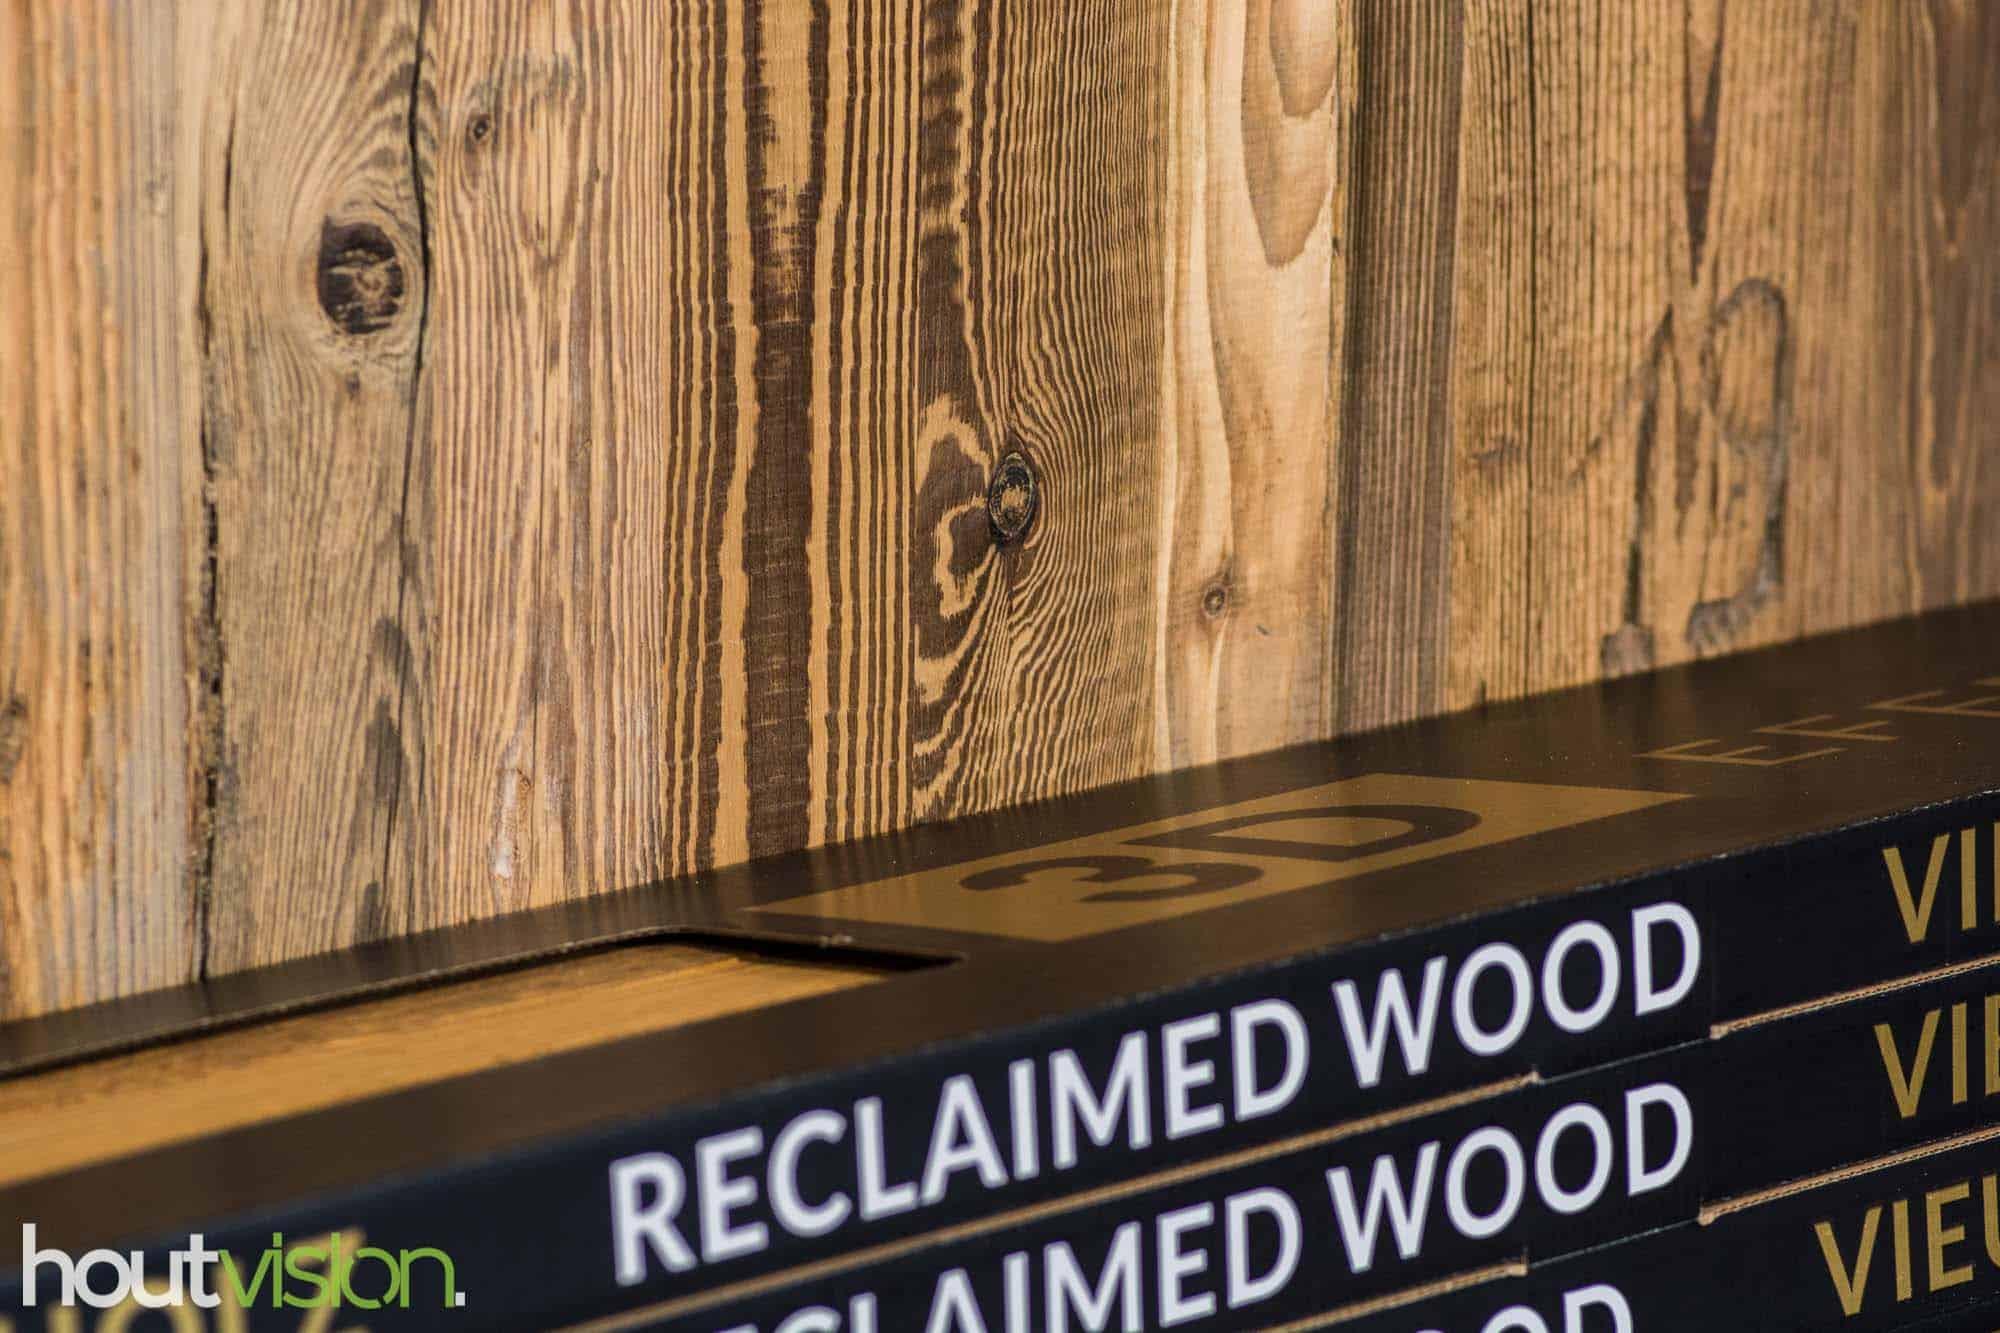 houtstrips barnwood oud hout planken 3d effect